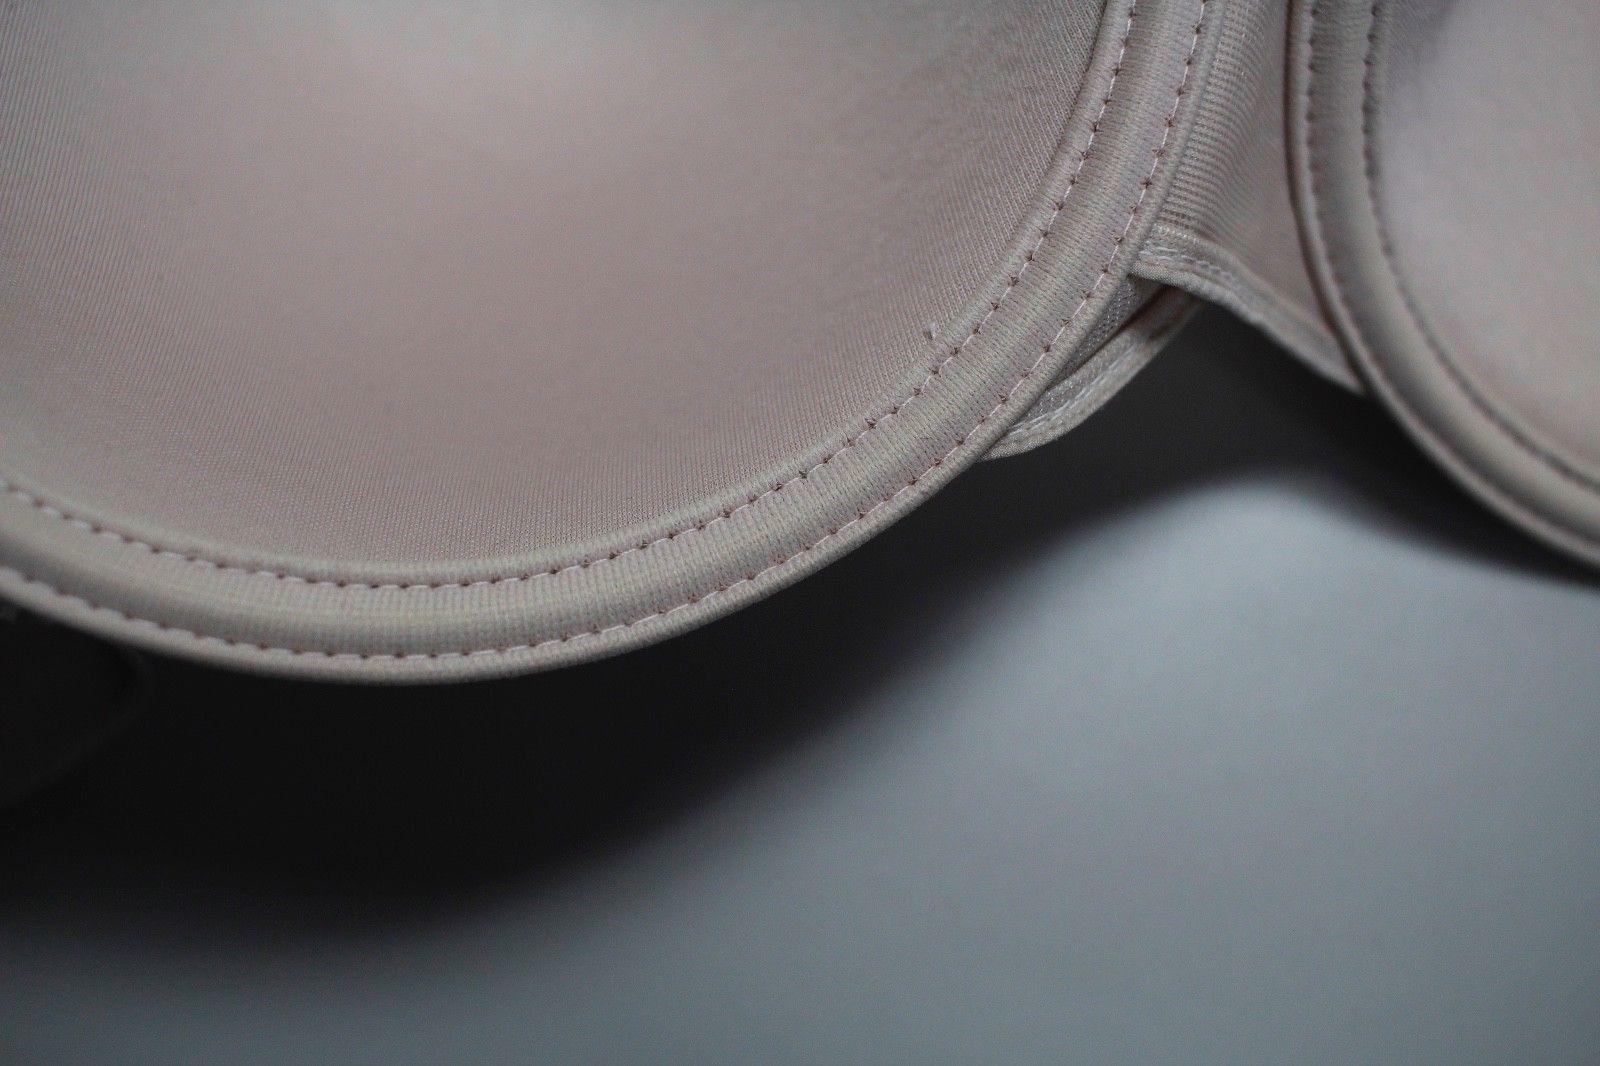 d4efccf463123 Chantelle 3386 C-Paris Memory Foam T-Shirt Bra 36D Underwire Pink Lace Full